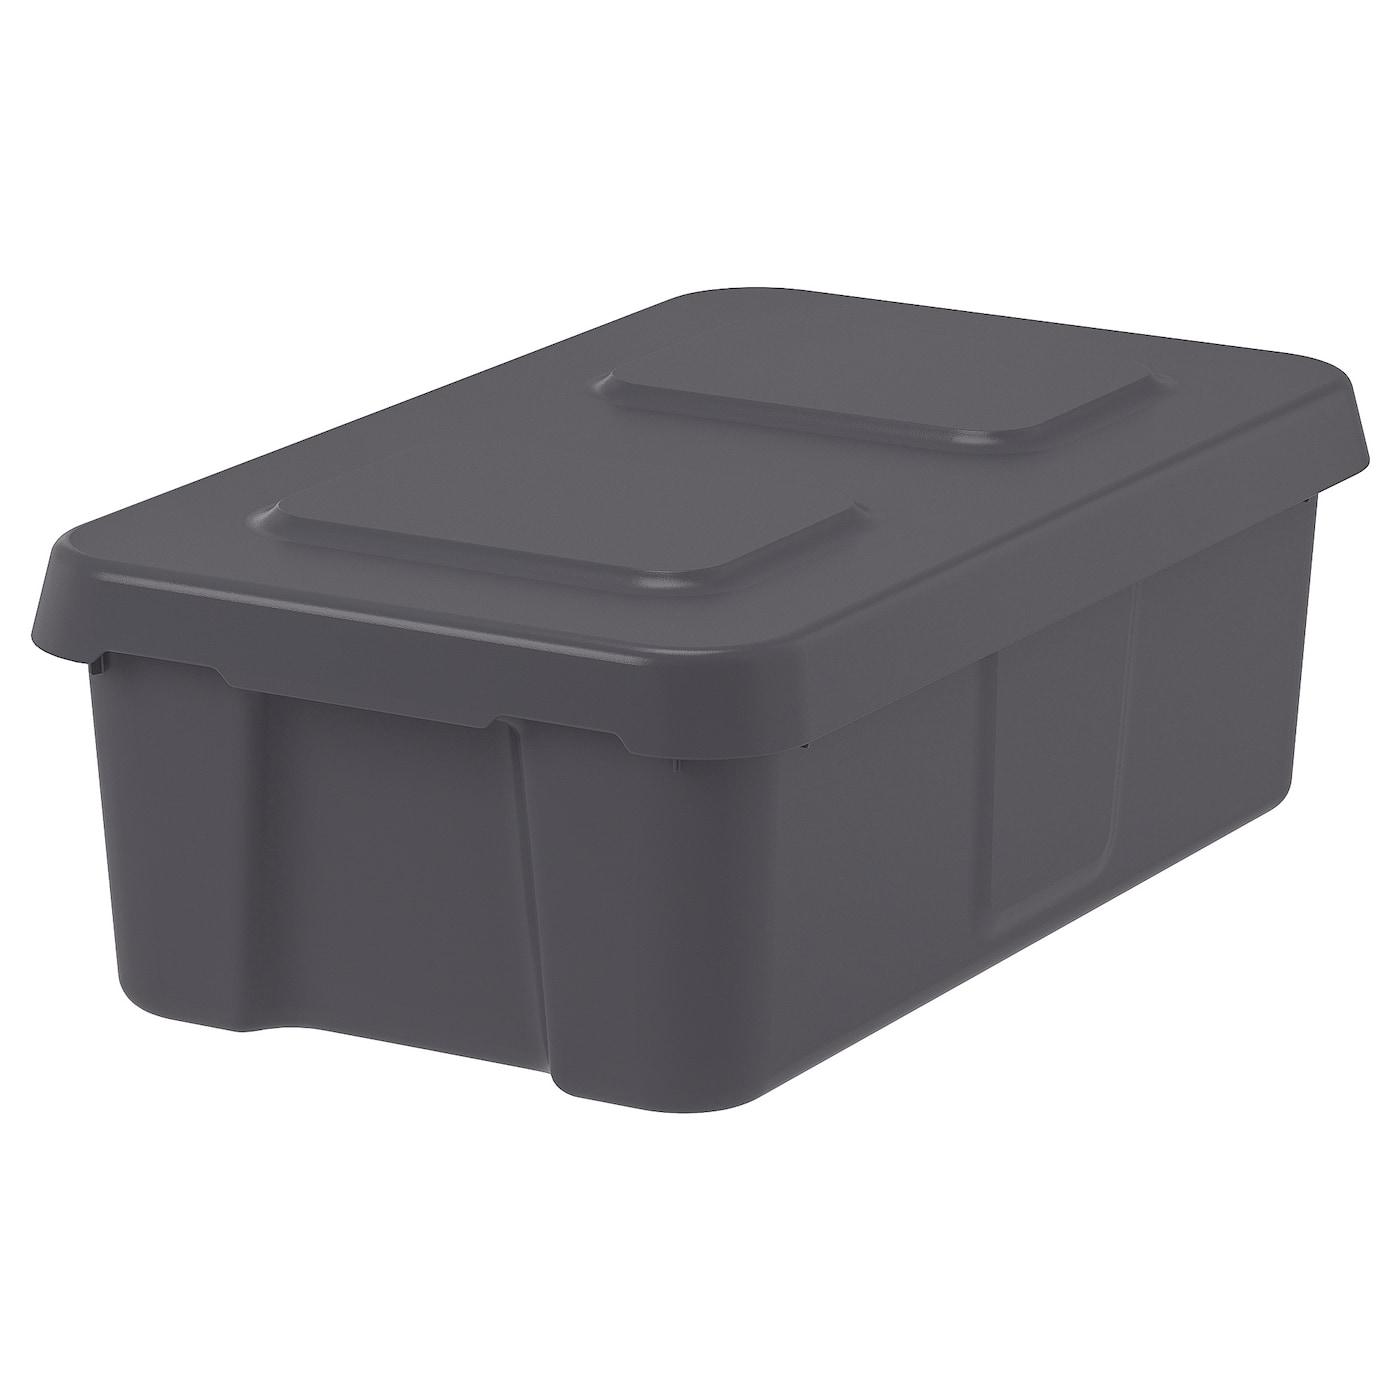 Klamtare Bac Av Couvercle Int Exterieur Gris Fonce 58x45x30 Cm Ikea